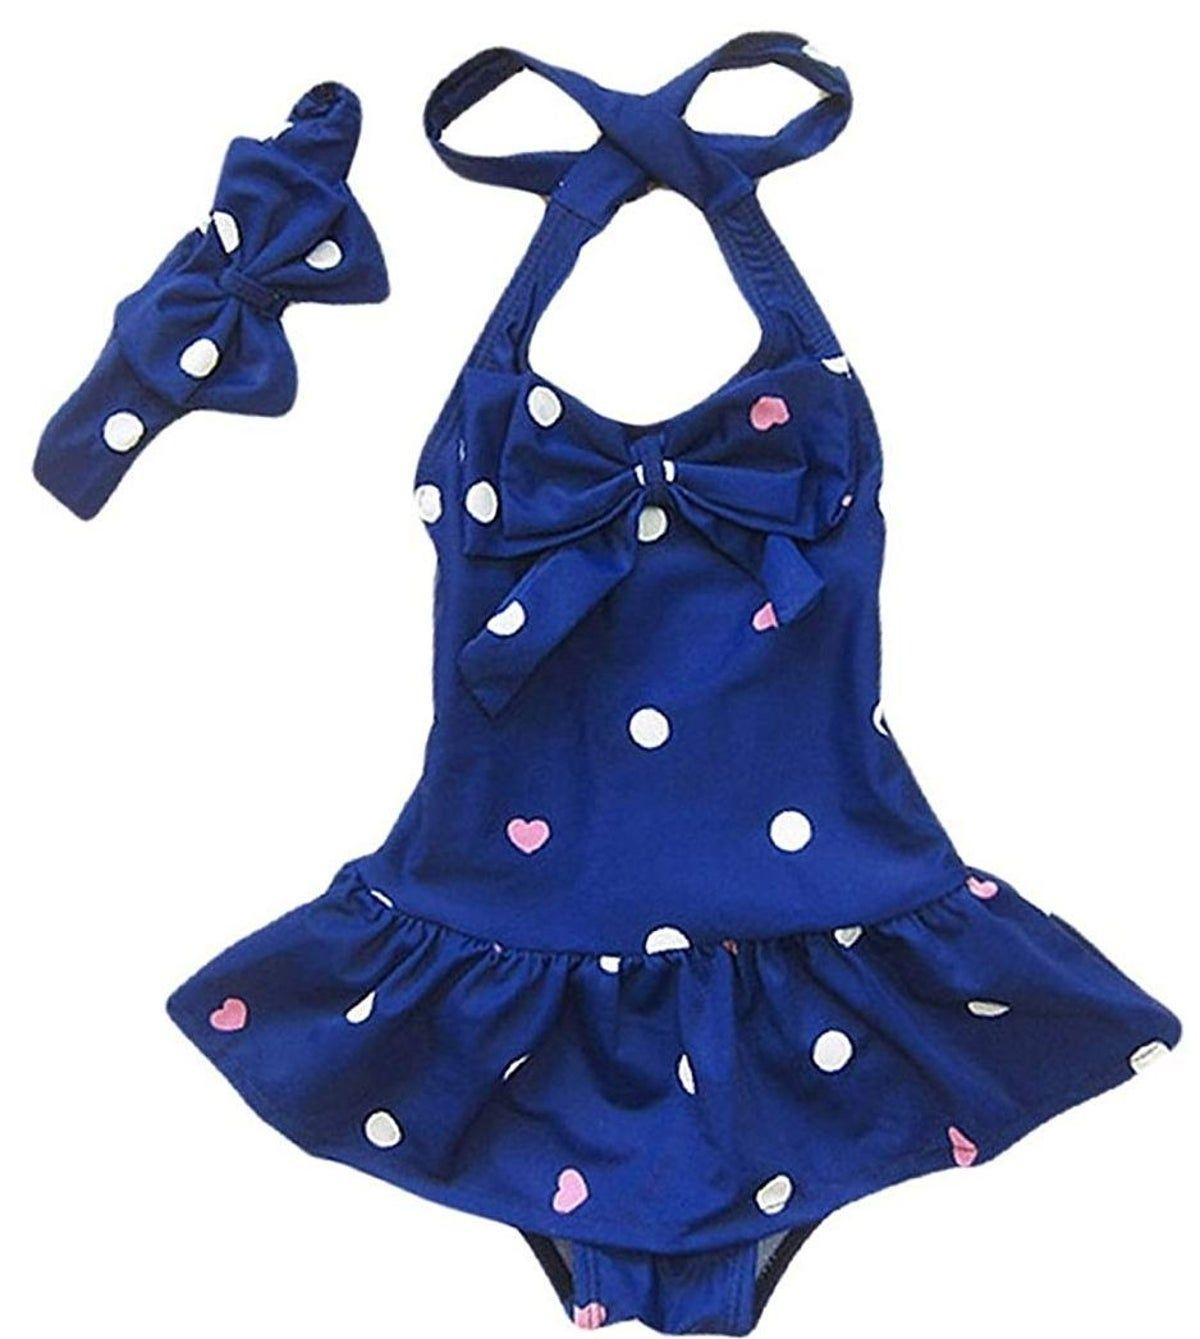 Baby Girl Bikini,Kids Toddler Polka Dot Swimsuits Halter Swimwear Bikinis Set with Headband